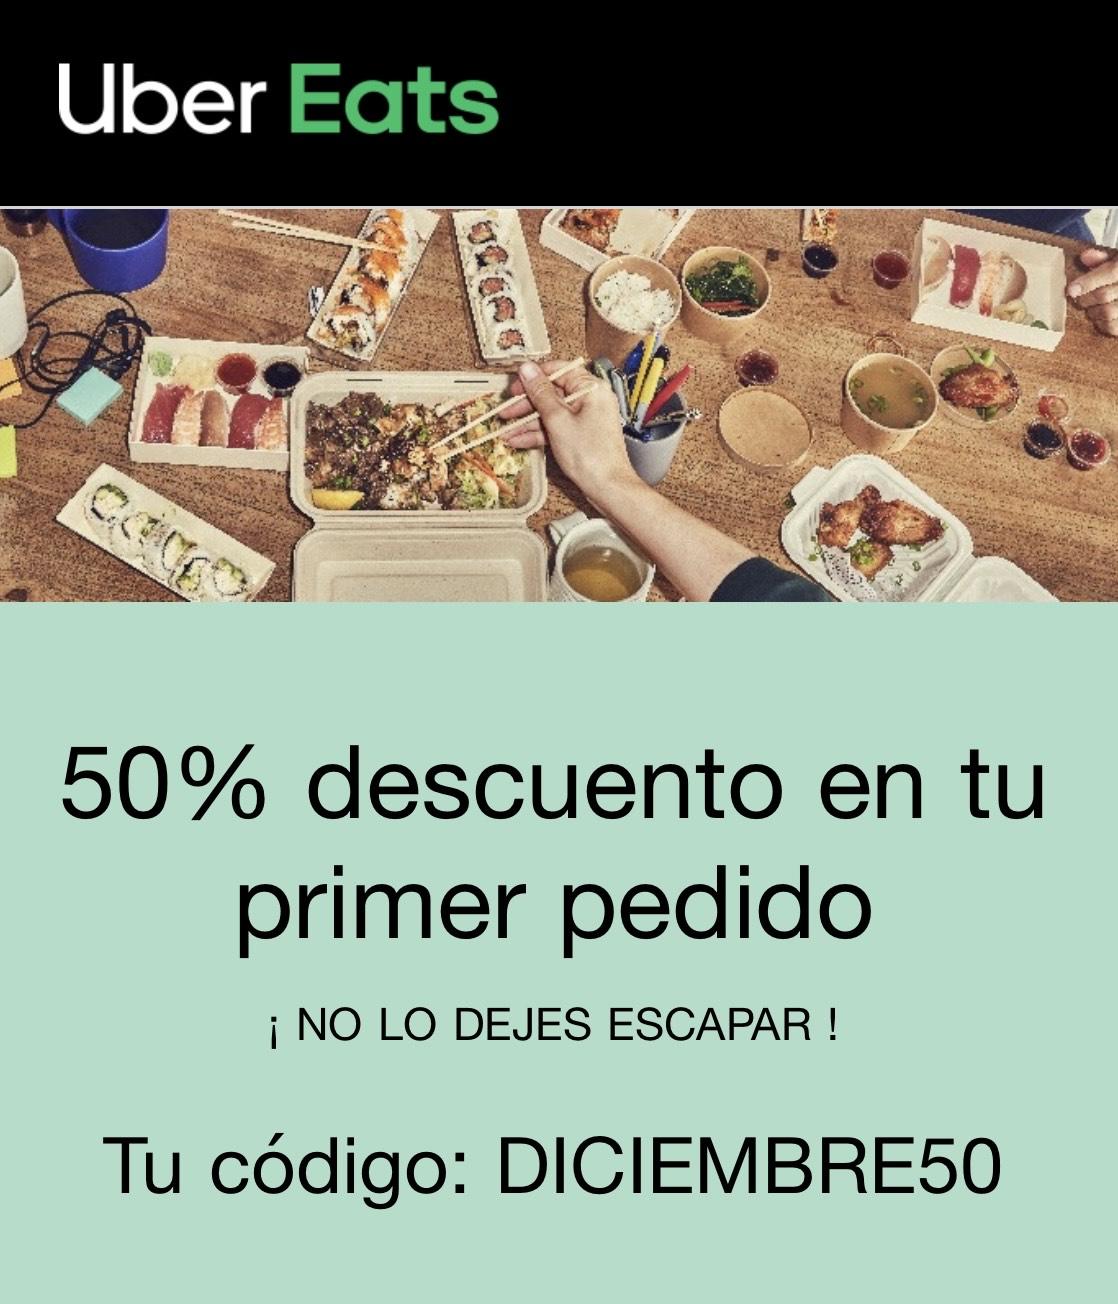 50% de descuento en primer pedido en uber eats